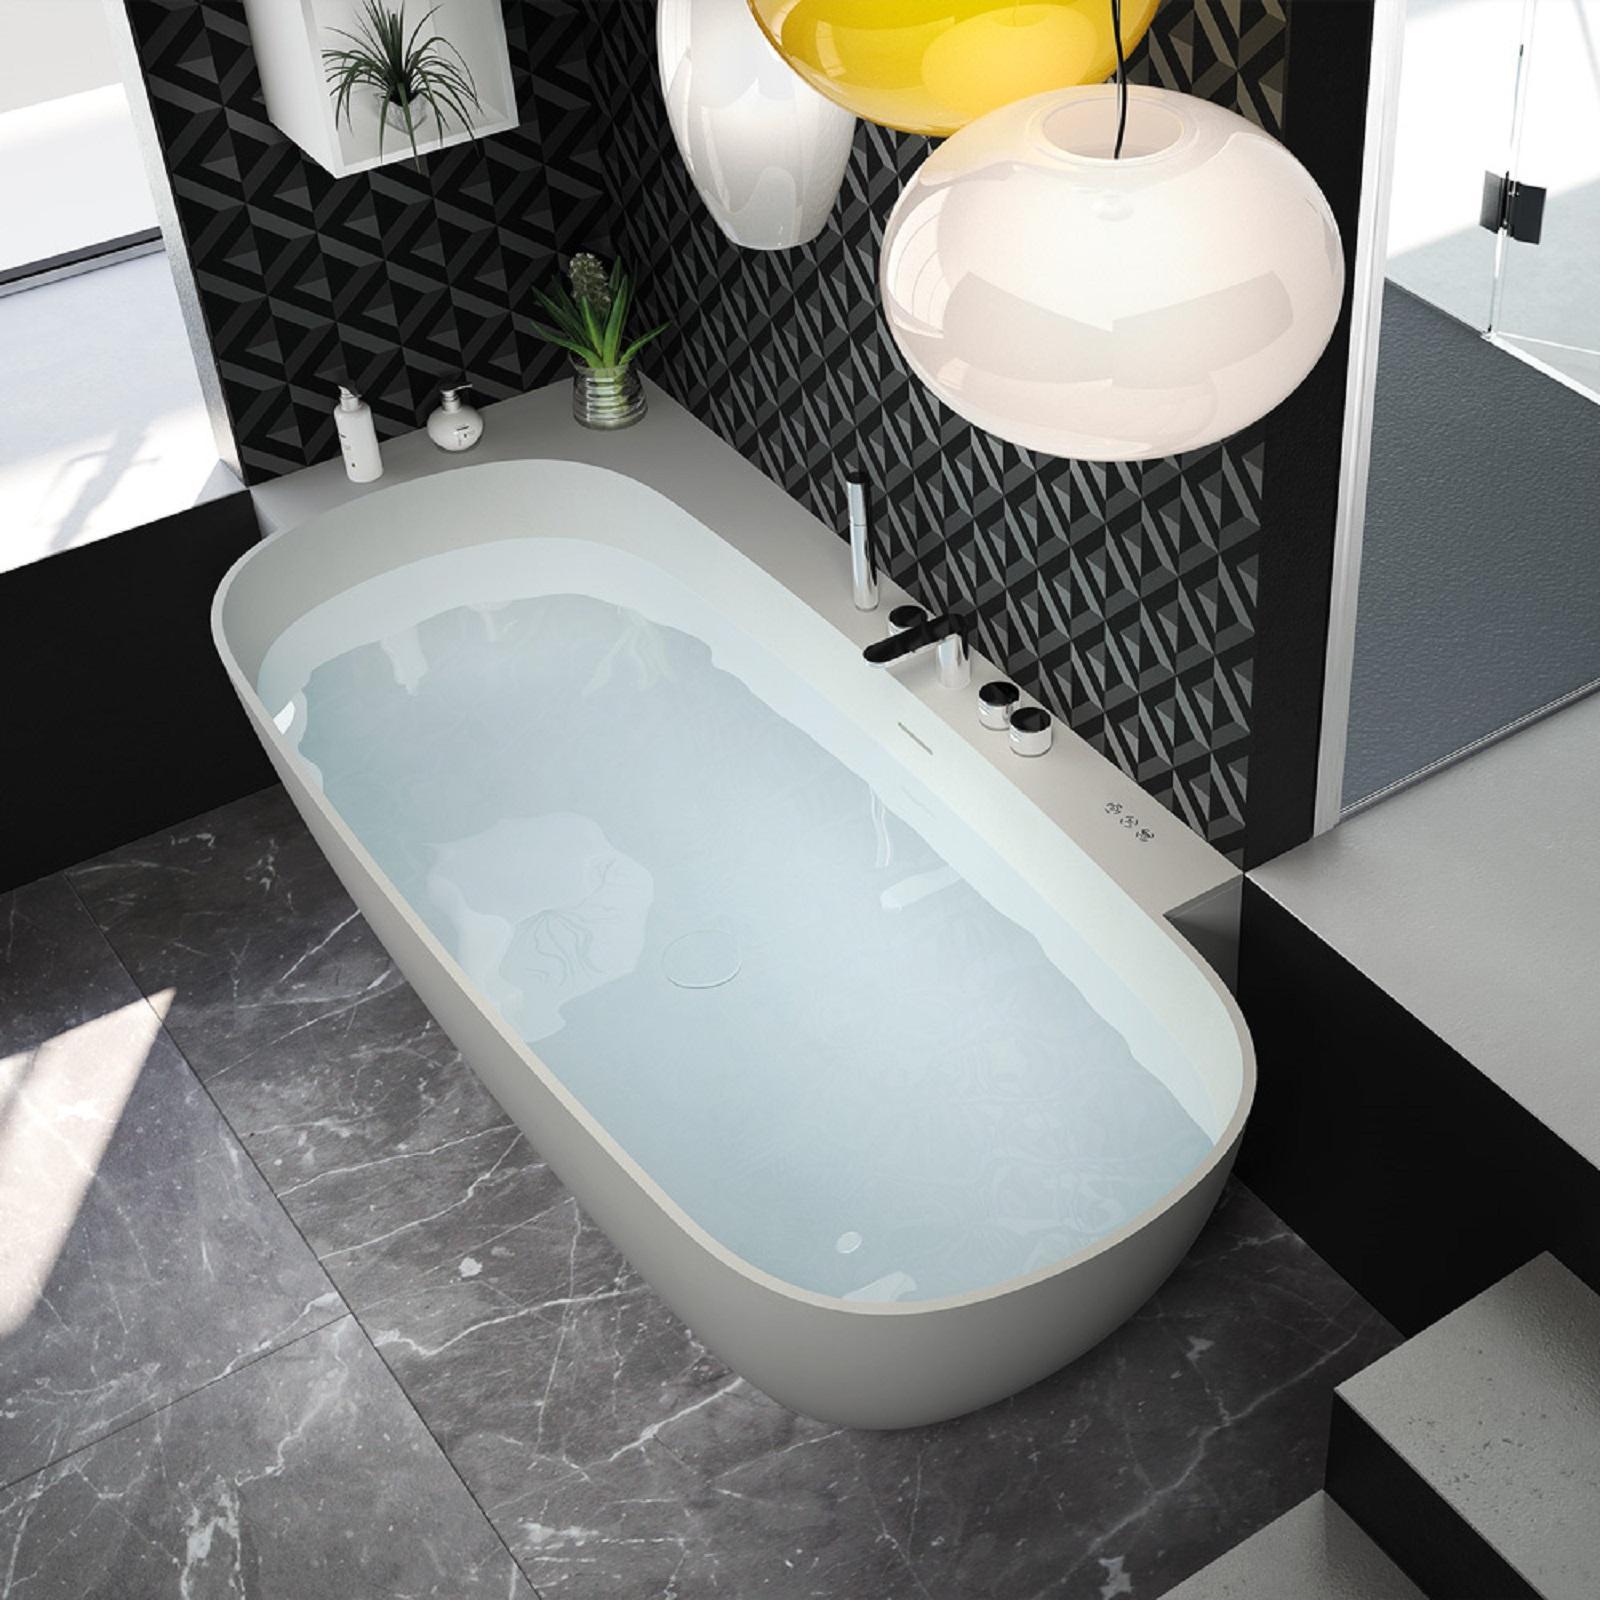 Le Vasche Da Bagno Non Sono Realizzate Soltanto In Acrilico Cose